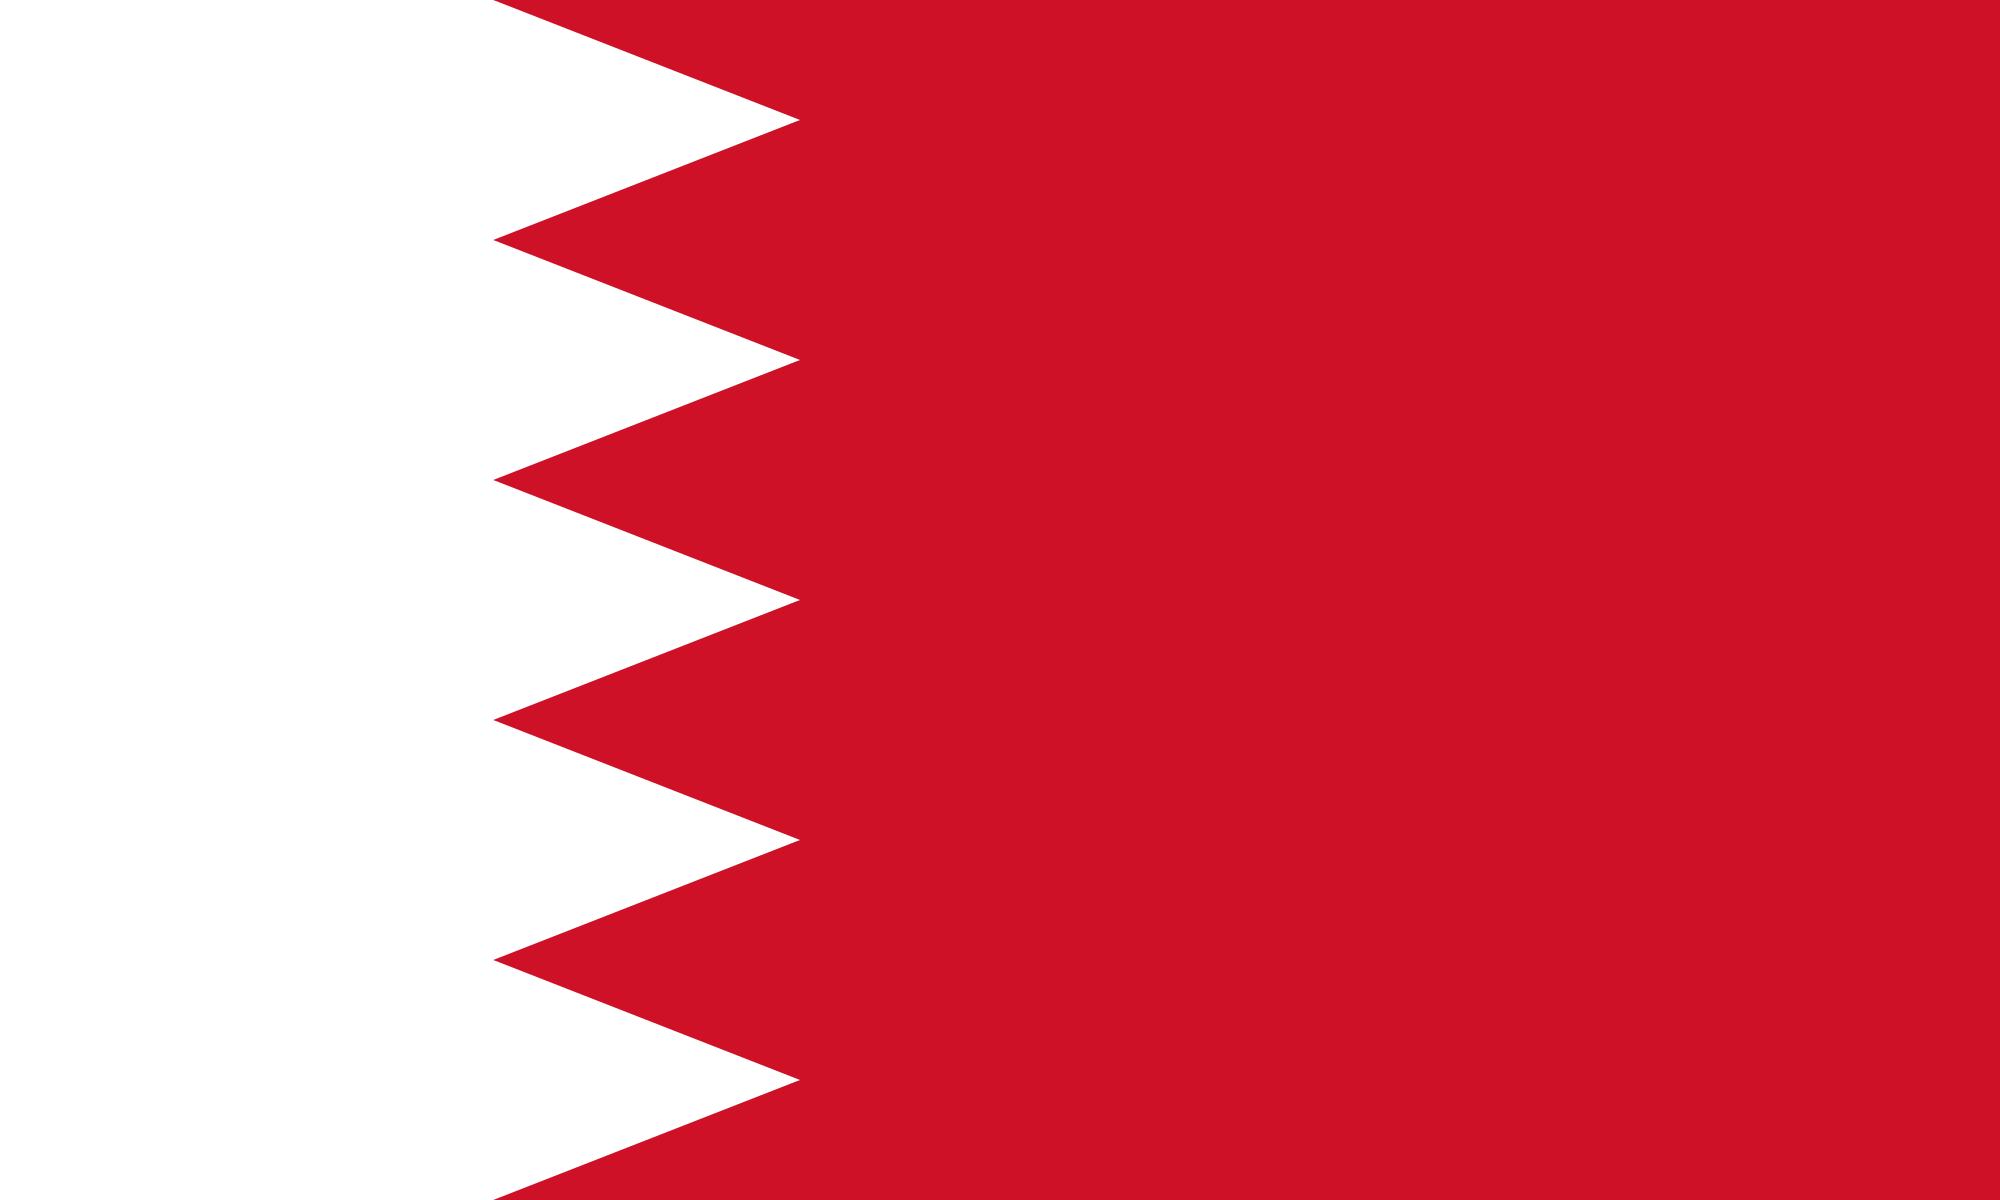 سعر الذهب اليوم فى البحرين